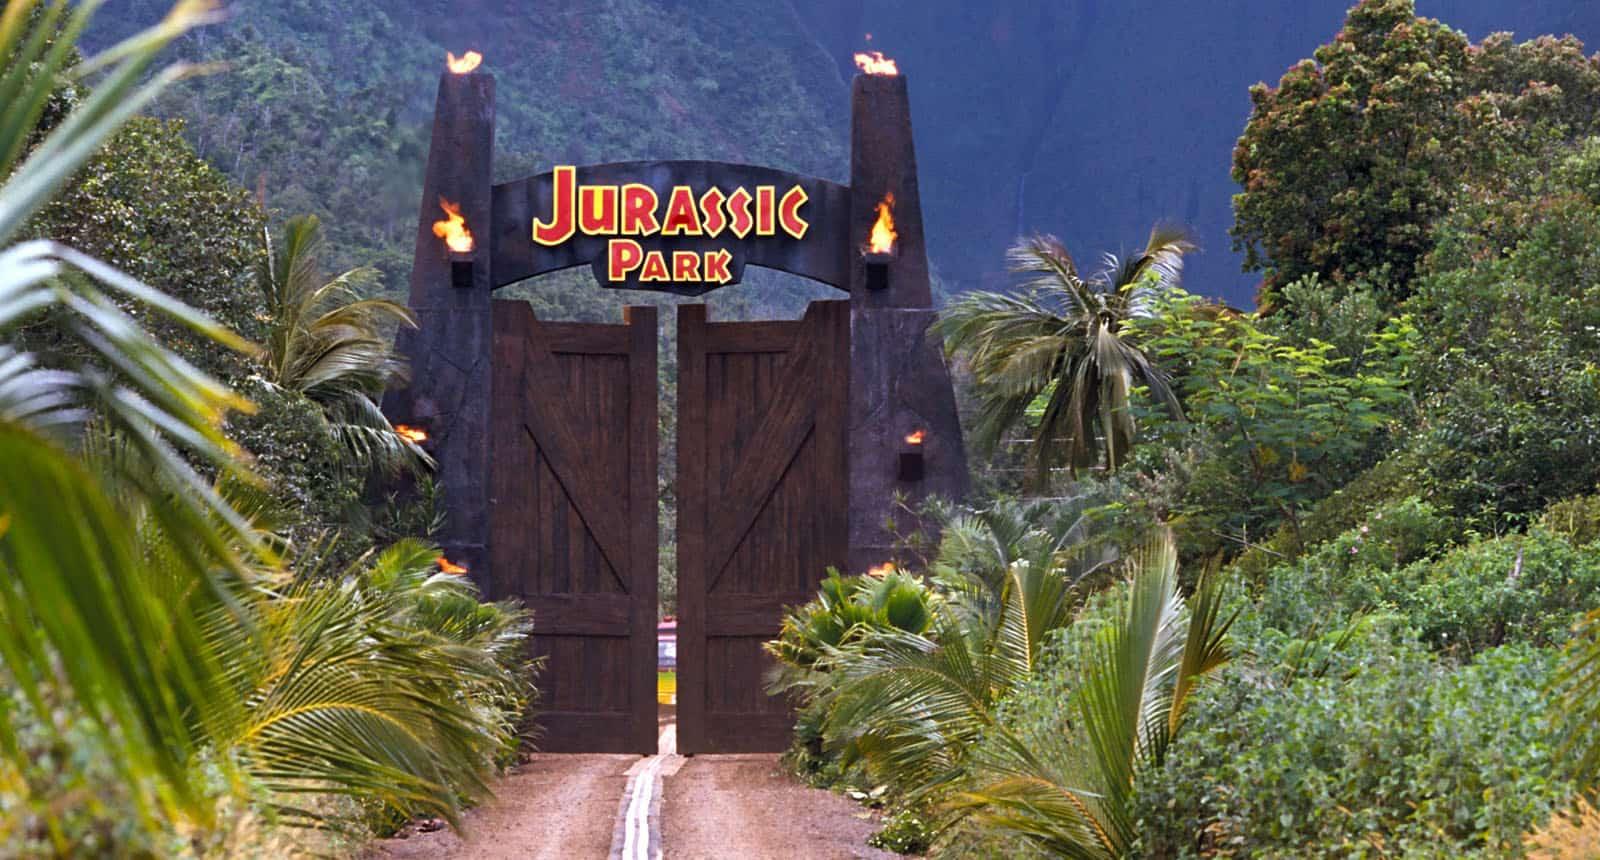 Jurassic Park – opening scene in movie